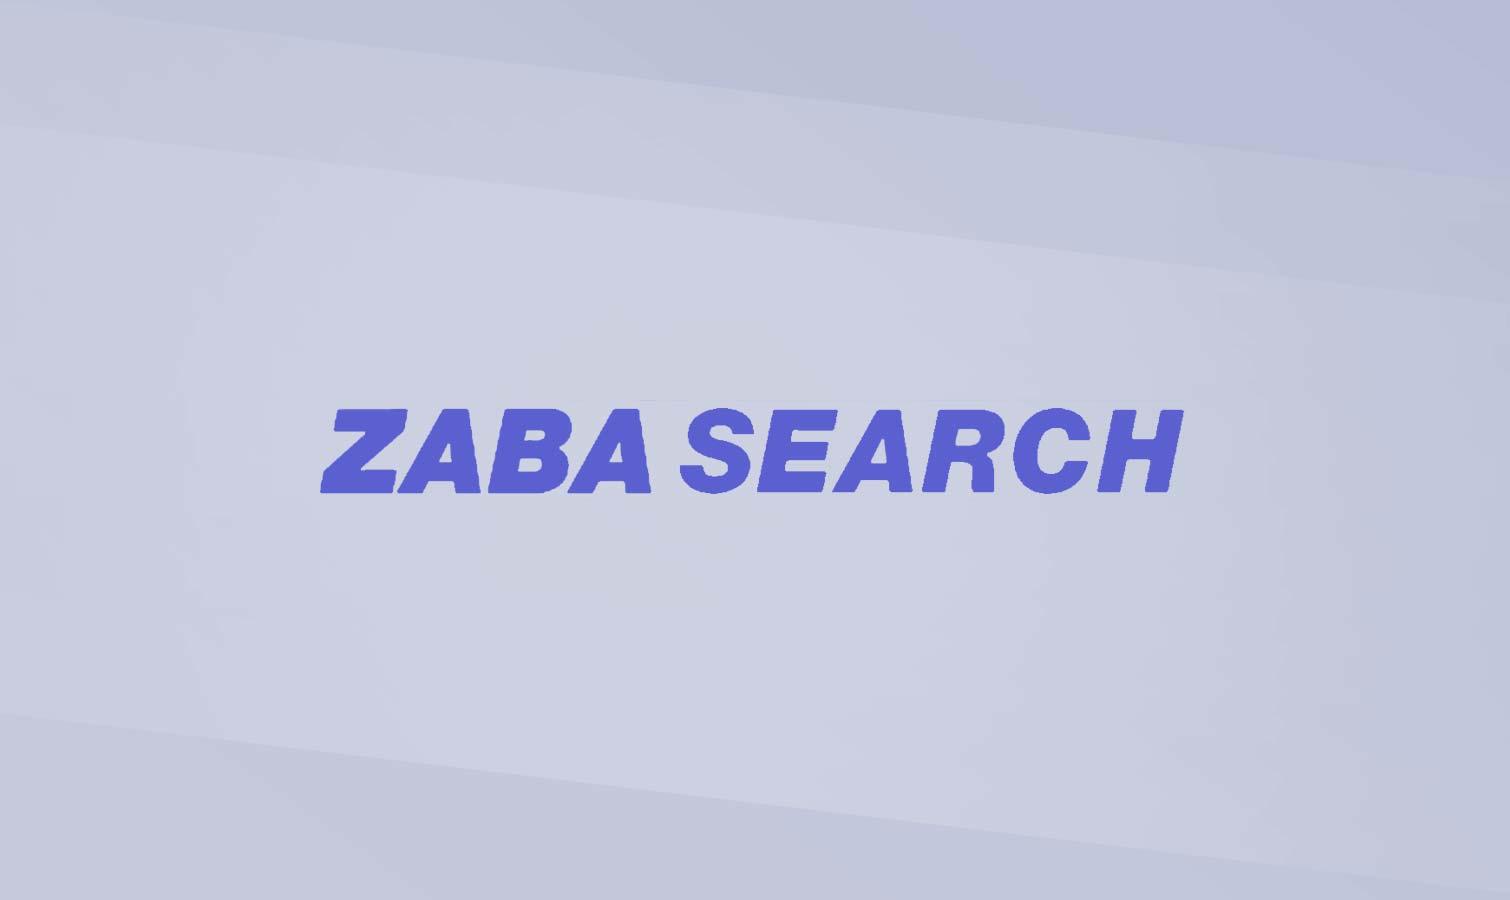 Cómo encontrar personas con ZabaSearch